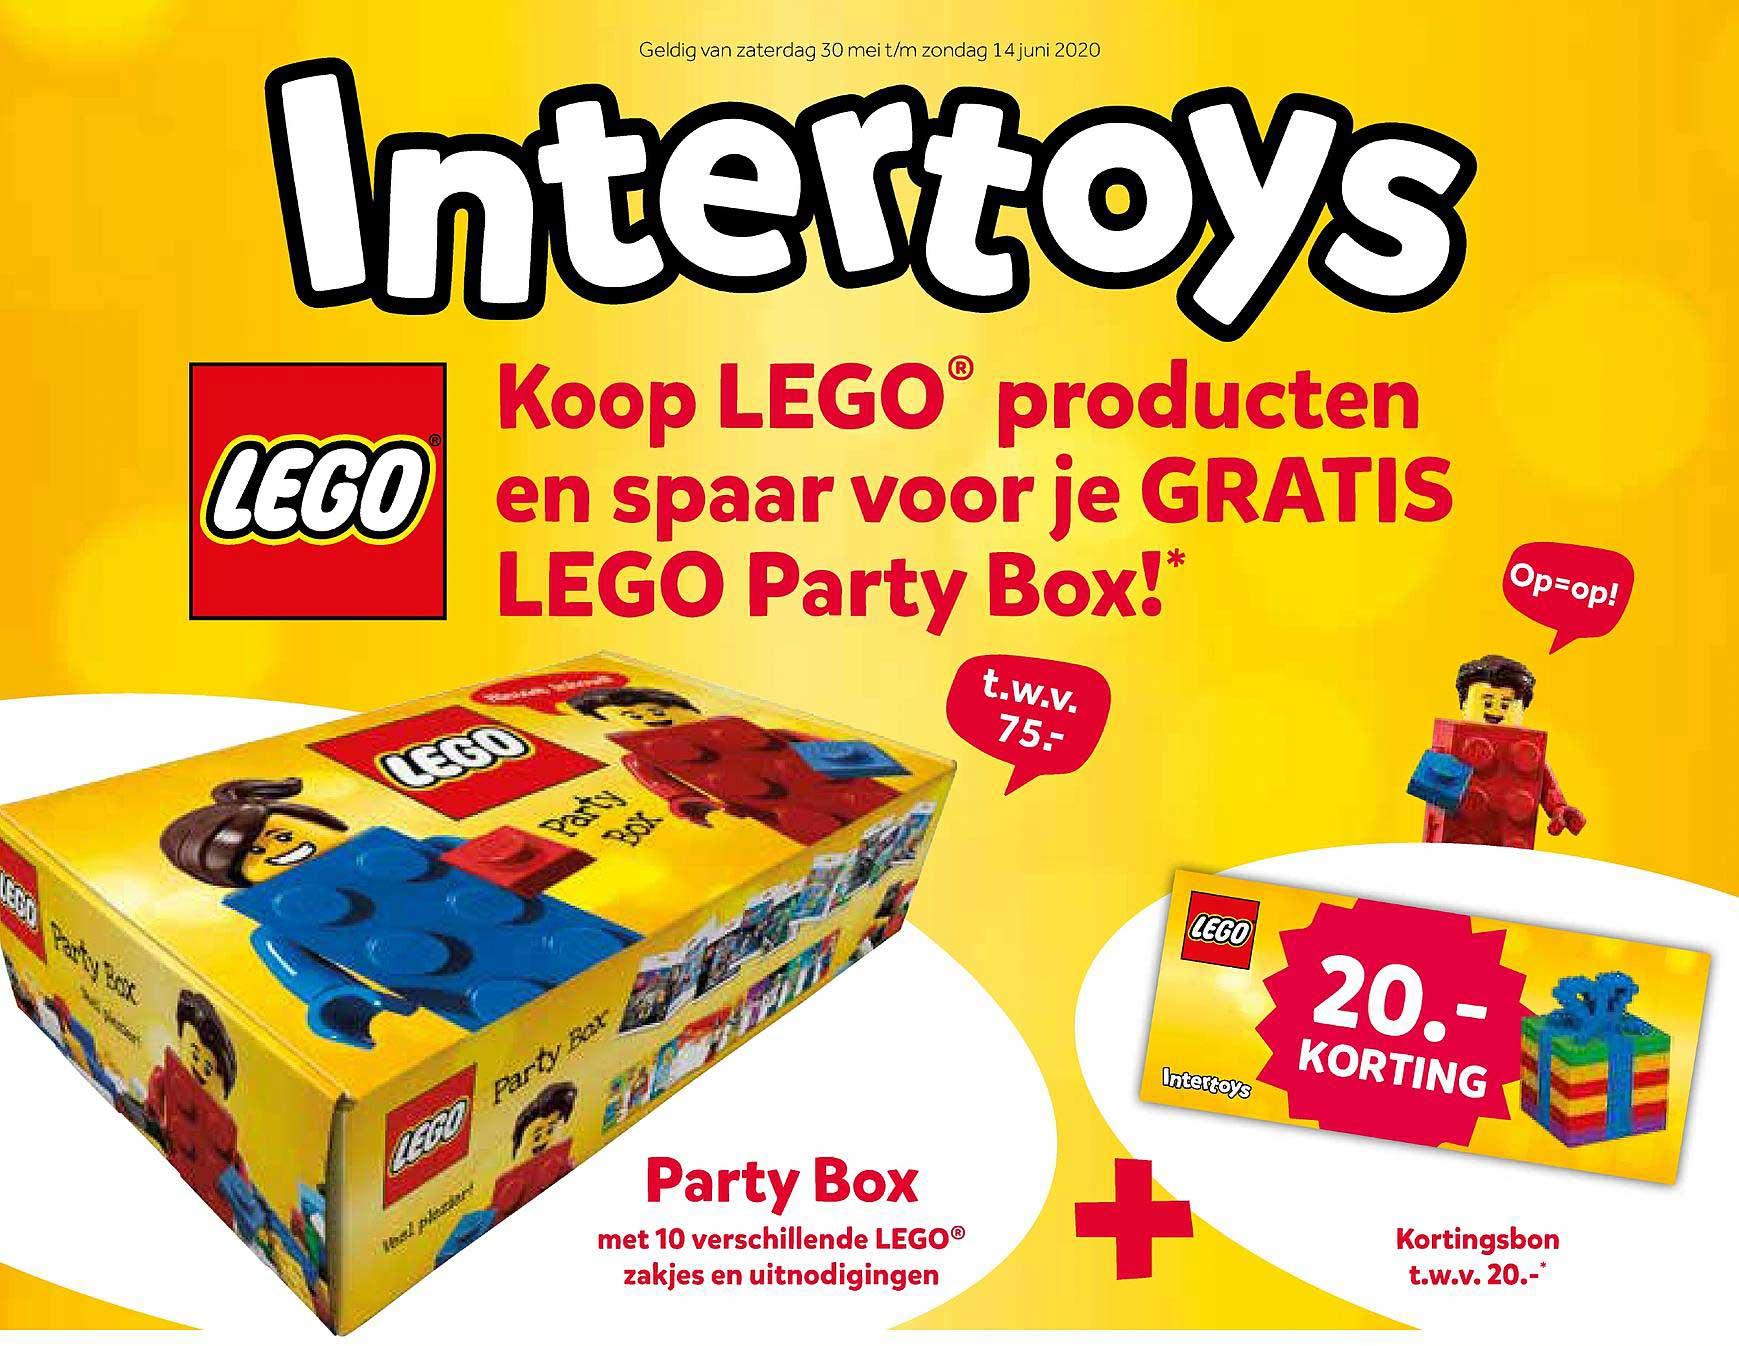 Intertoys Koop Lego Producten En Spaar Voor Je Gratis Lego Party Box